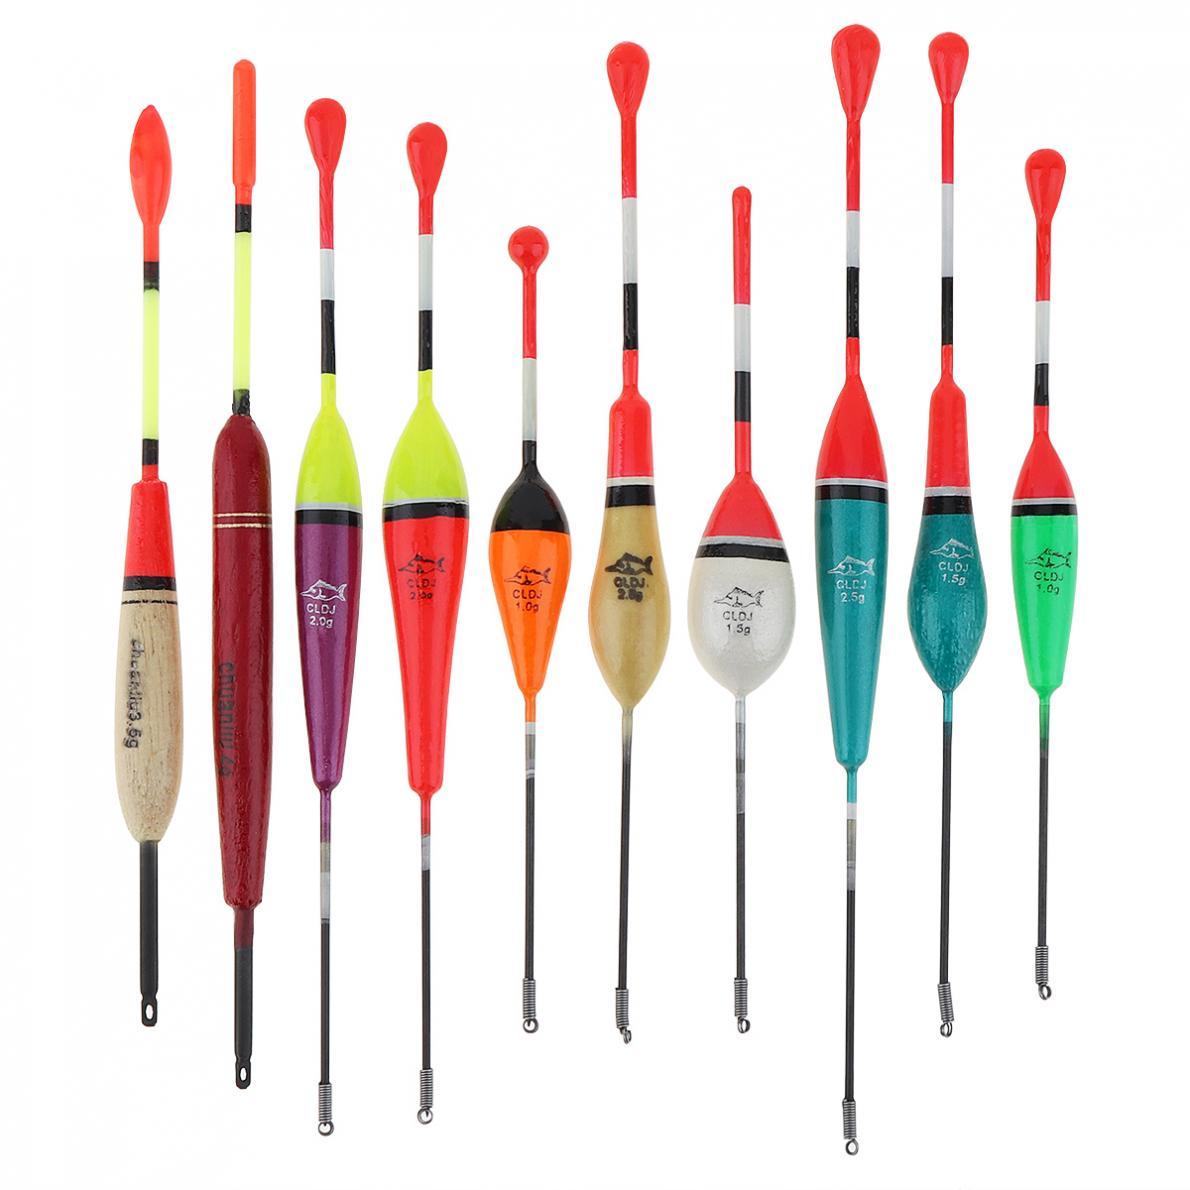 10 unids/lote de boya flotante de conjunto de flotador de Pesca de colores Balsa de 14,3 cm-20,1 cm para lagos de roca pesca en embalse